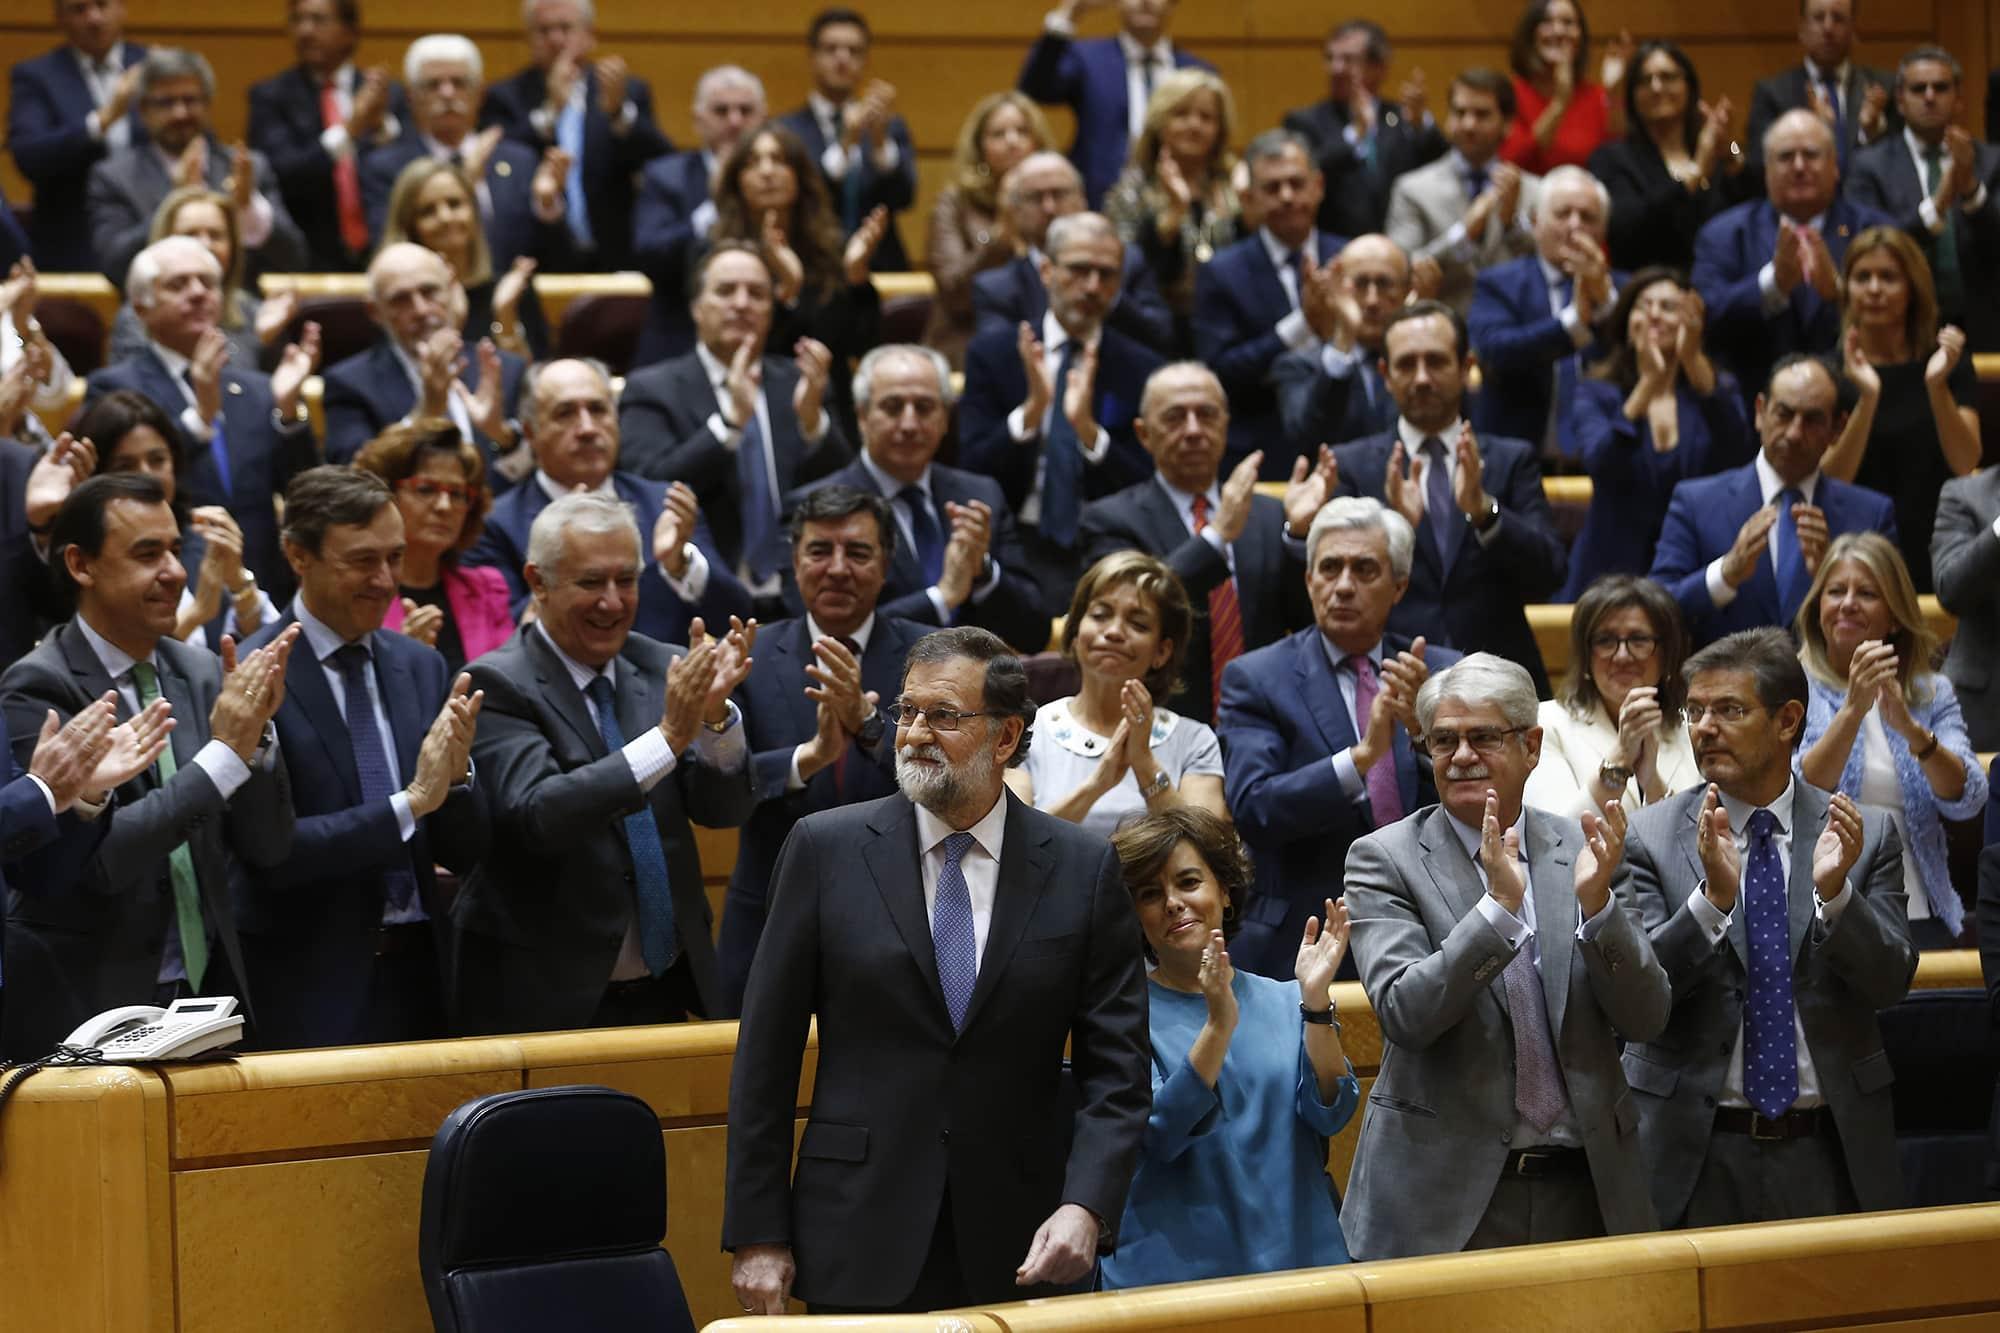 El presidente del Gobierno, Mariano Rajoy, tras su intervención en el Senado. Foto: Moncloa / Diego Crespo.